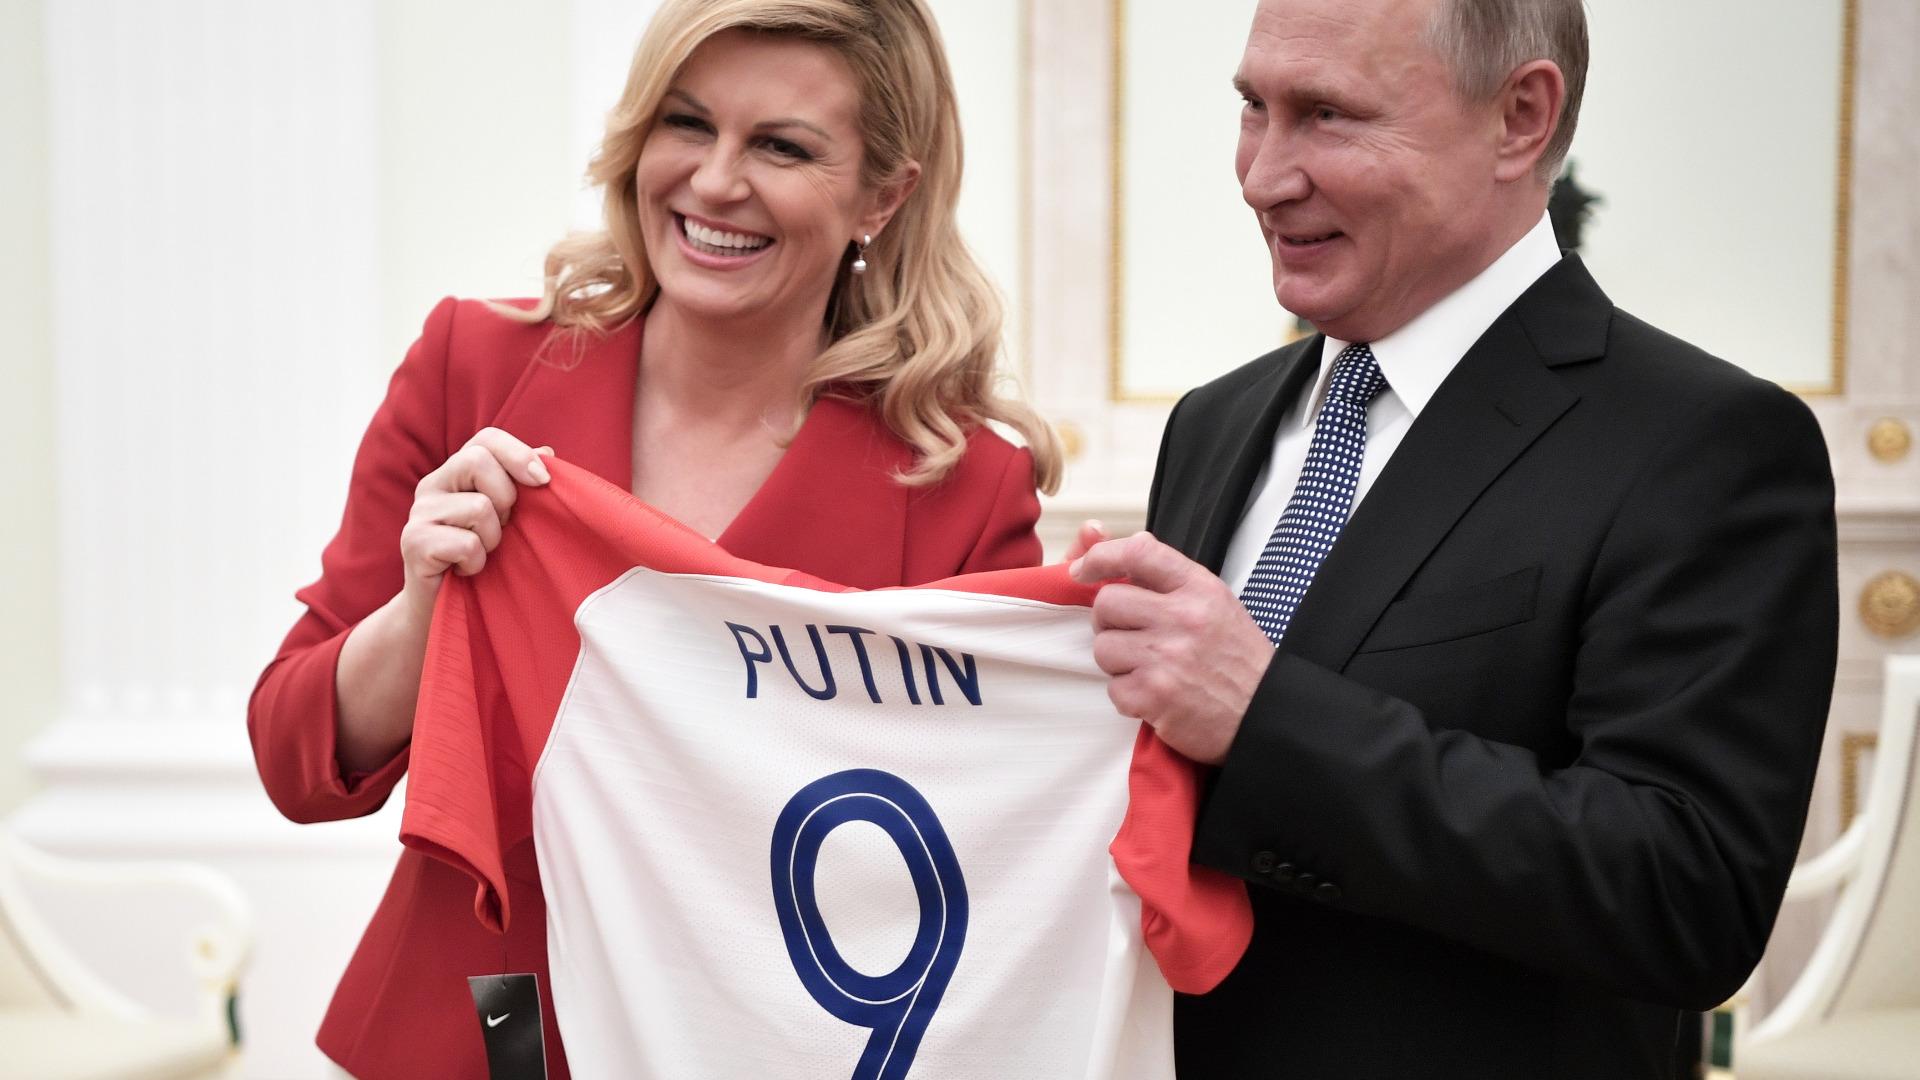 Президентът на Хърватия Колинда Грабар Китарович подари на руския президент Владимир Путин червено-бяла фланелка на националния отбор по футбол на своята страна с номер 9